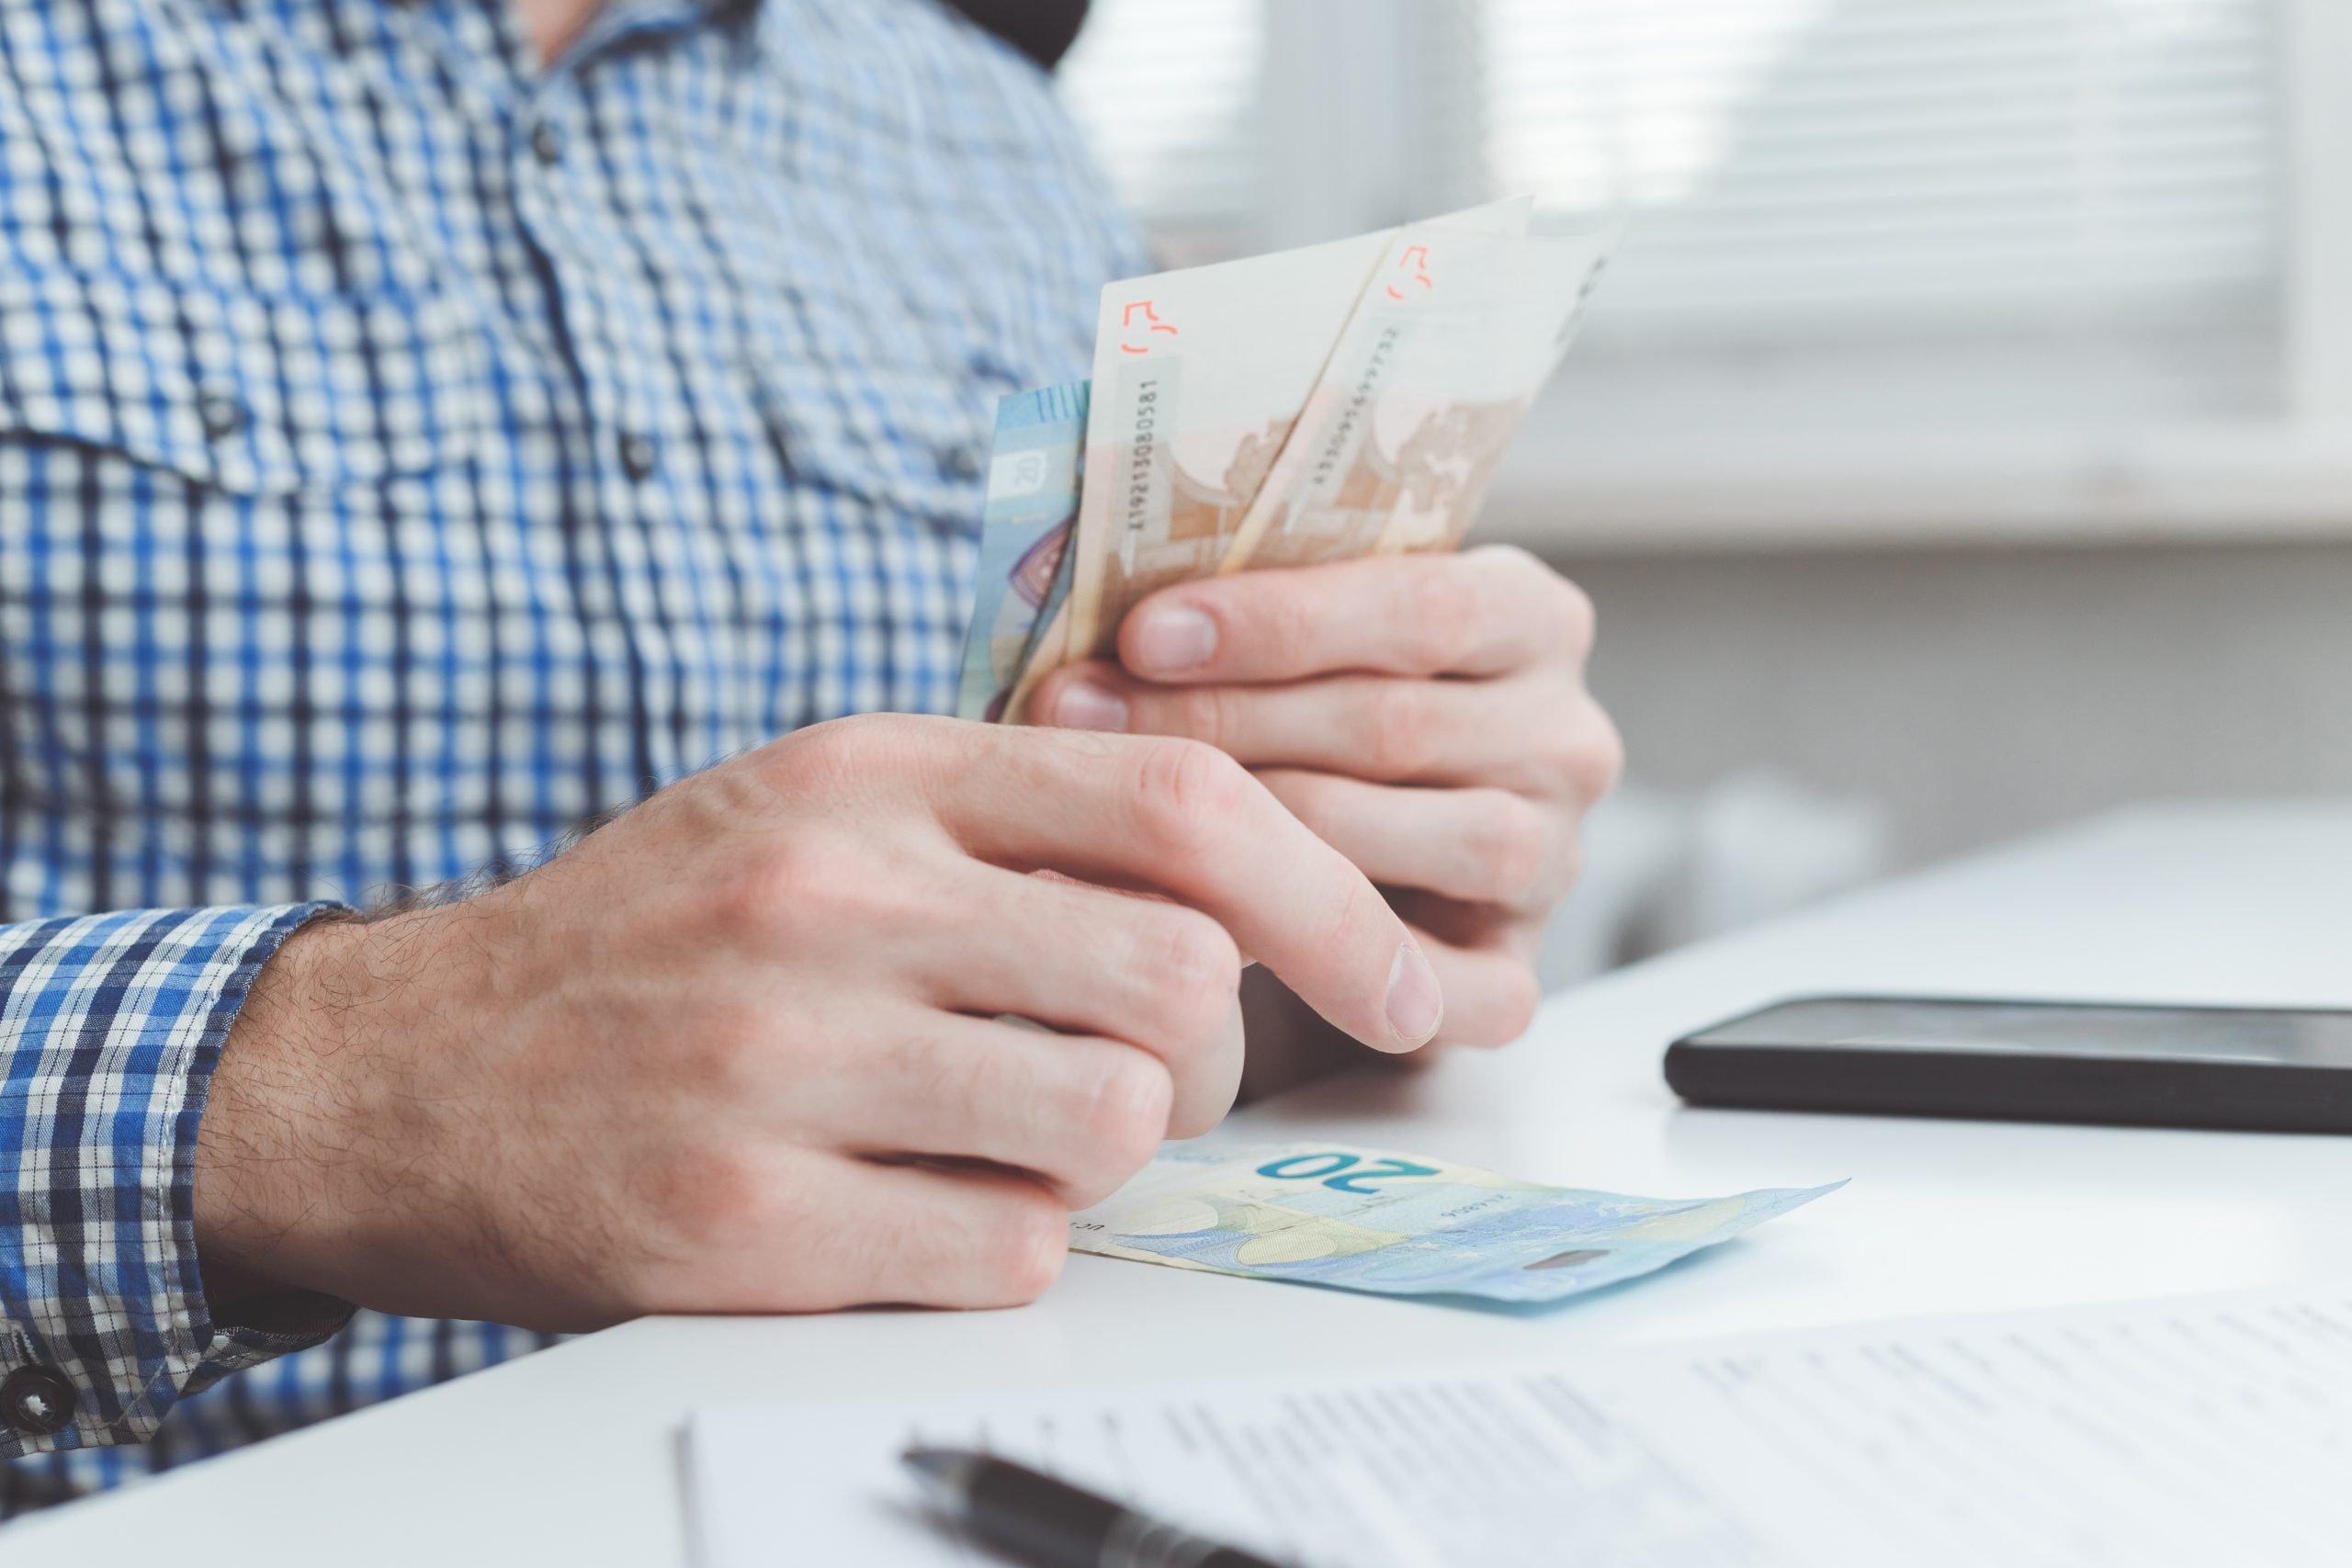 Quais linhas de crédito tem as menores taxas de juros.